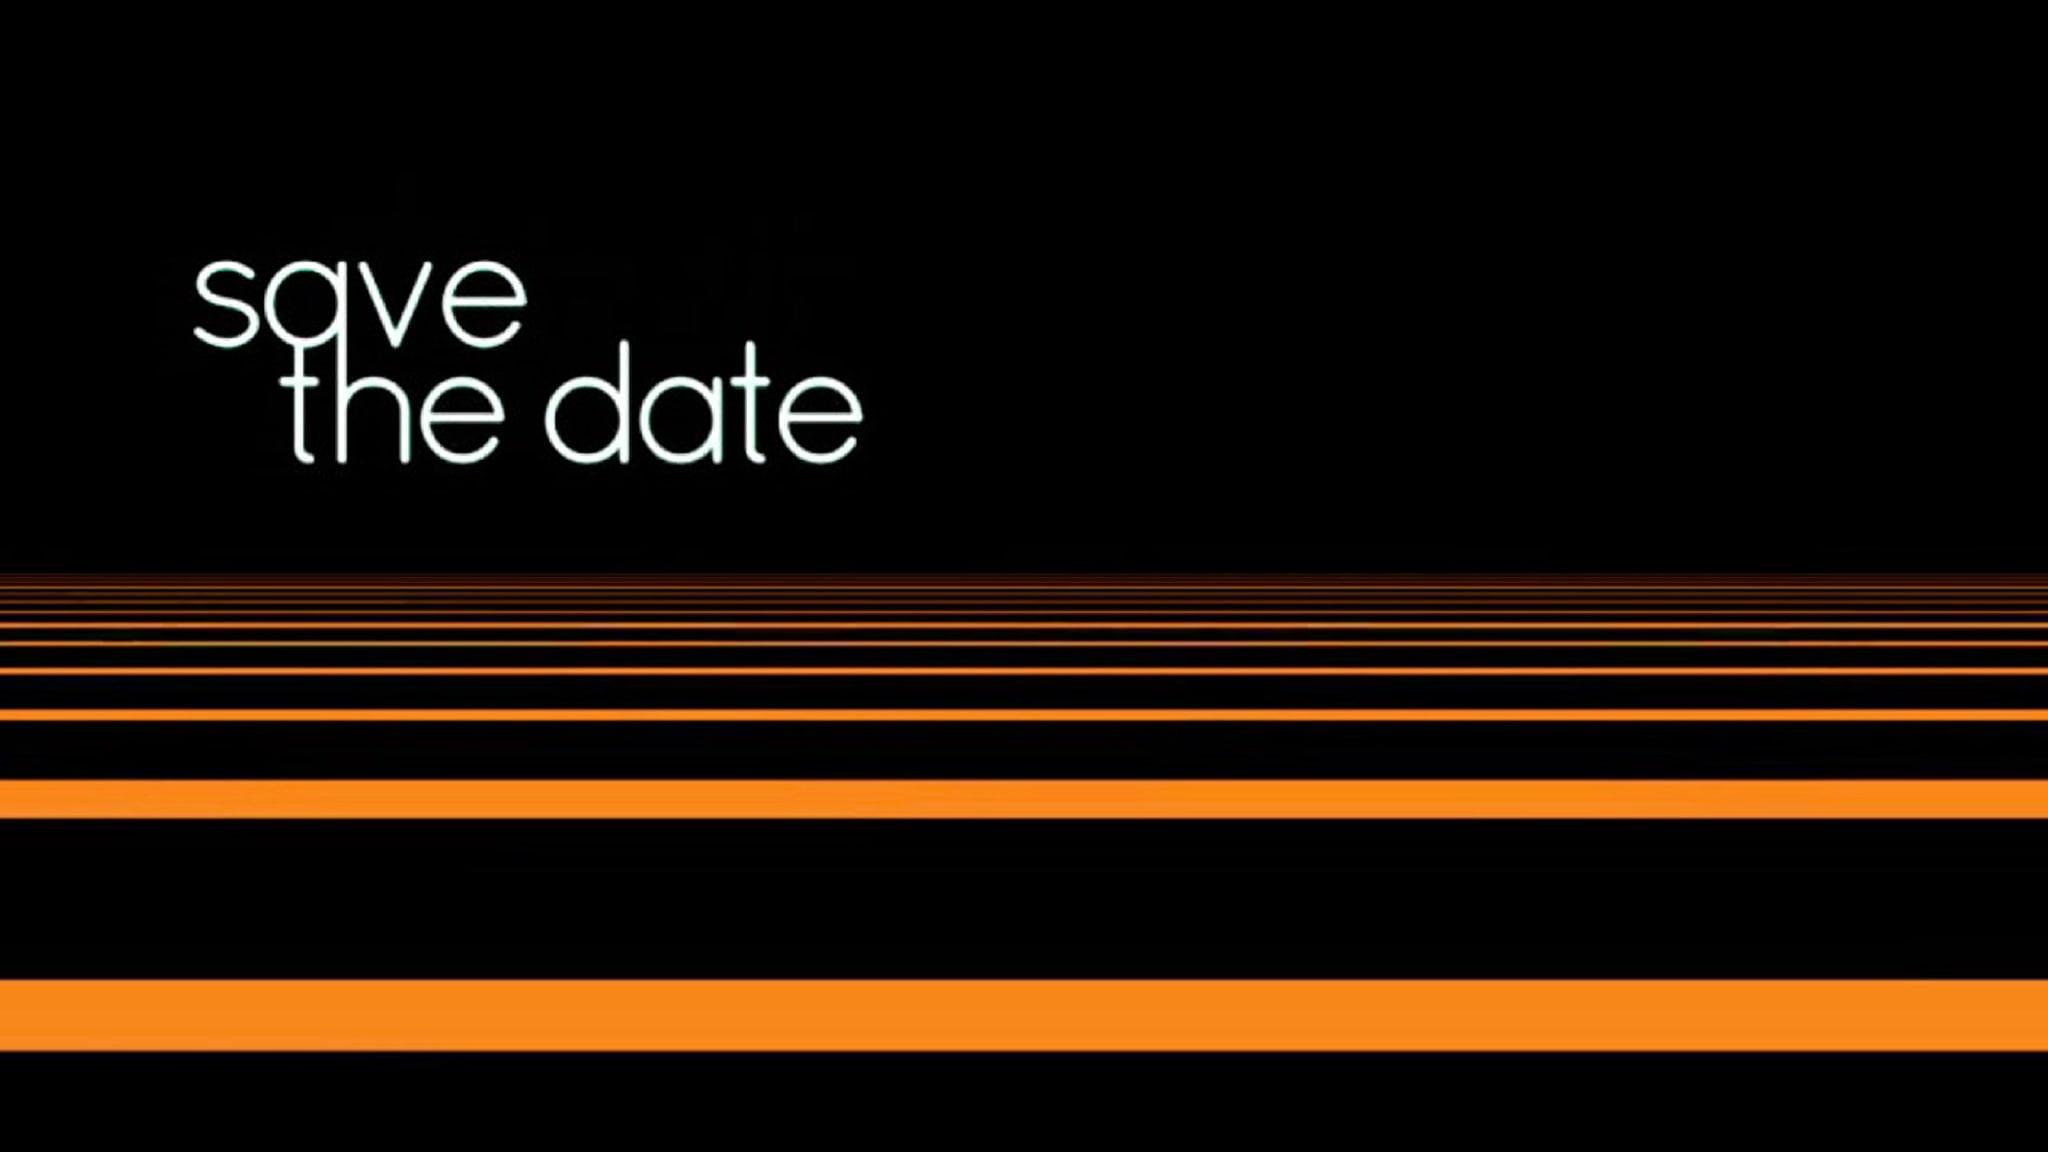 Rai 3 Save the Date 2019-2020 - E8